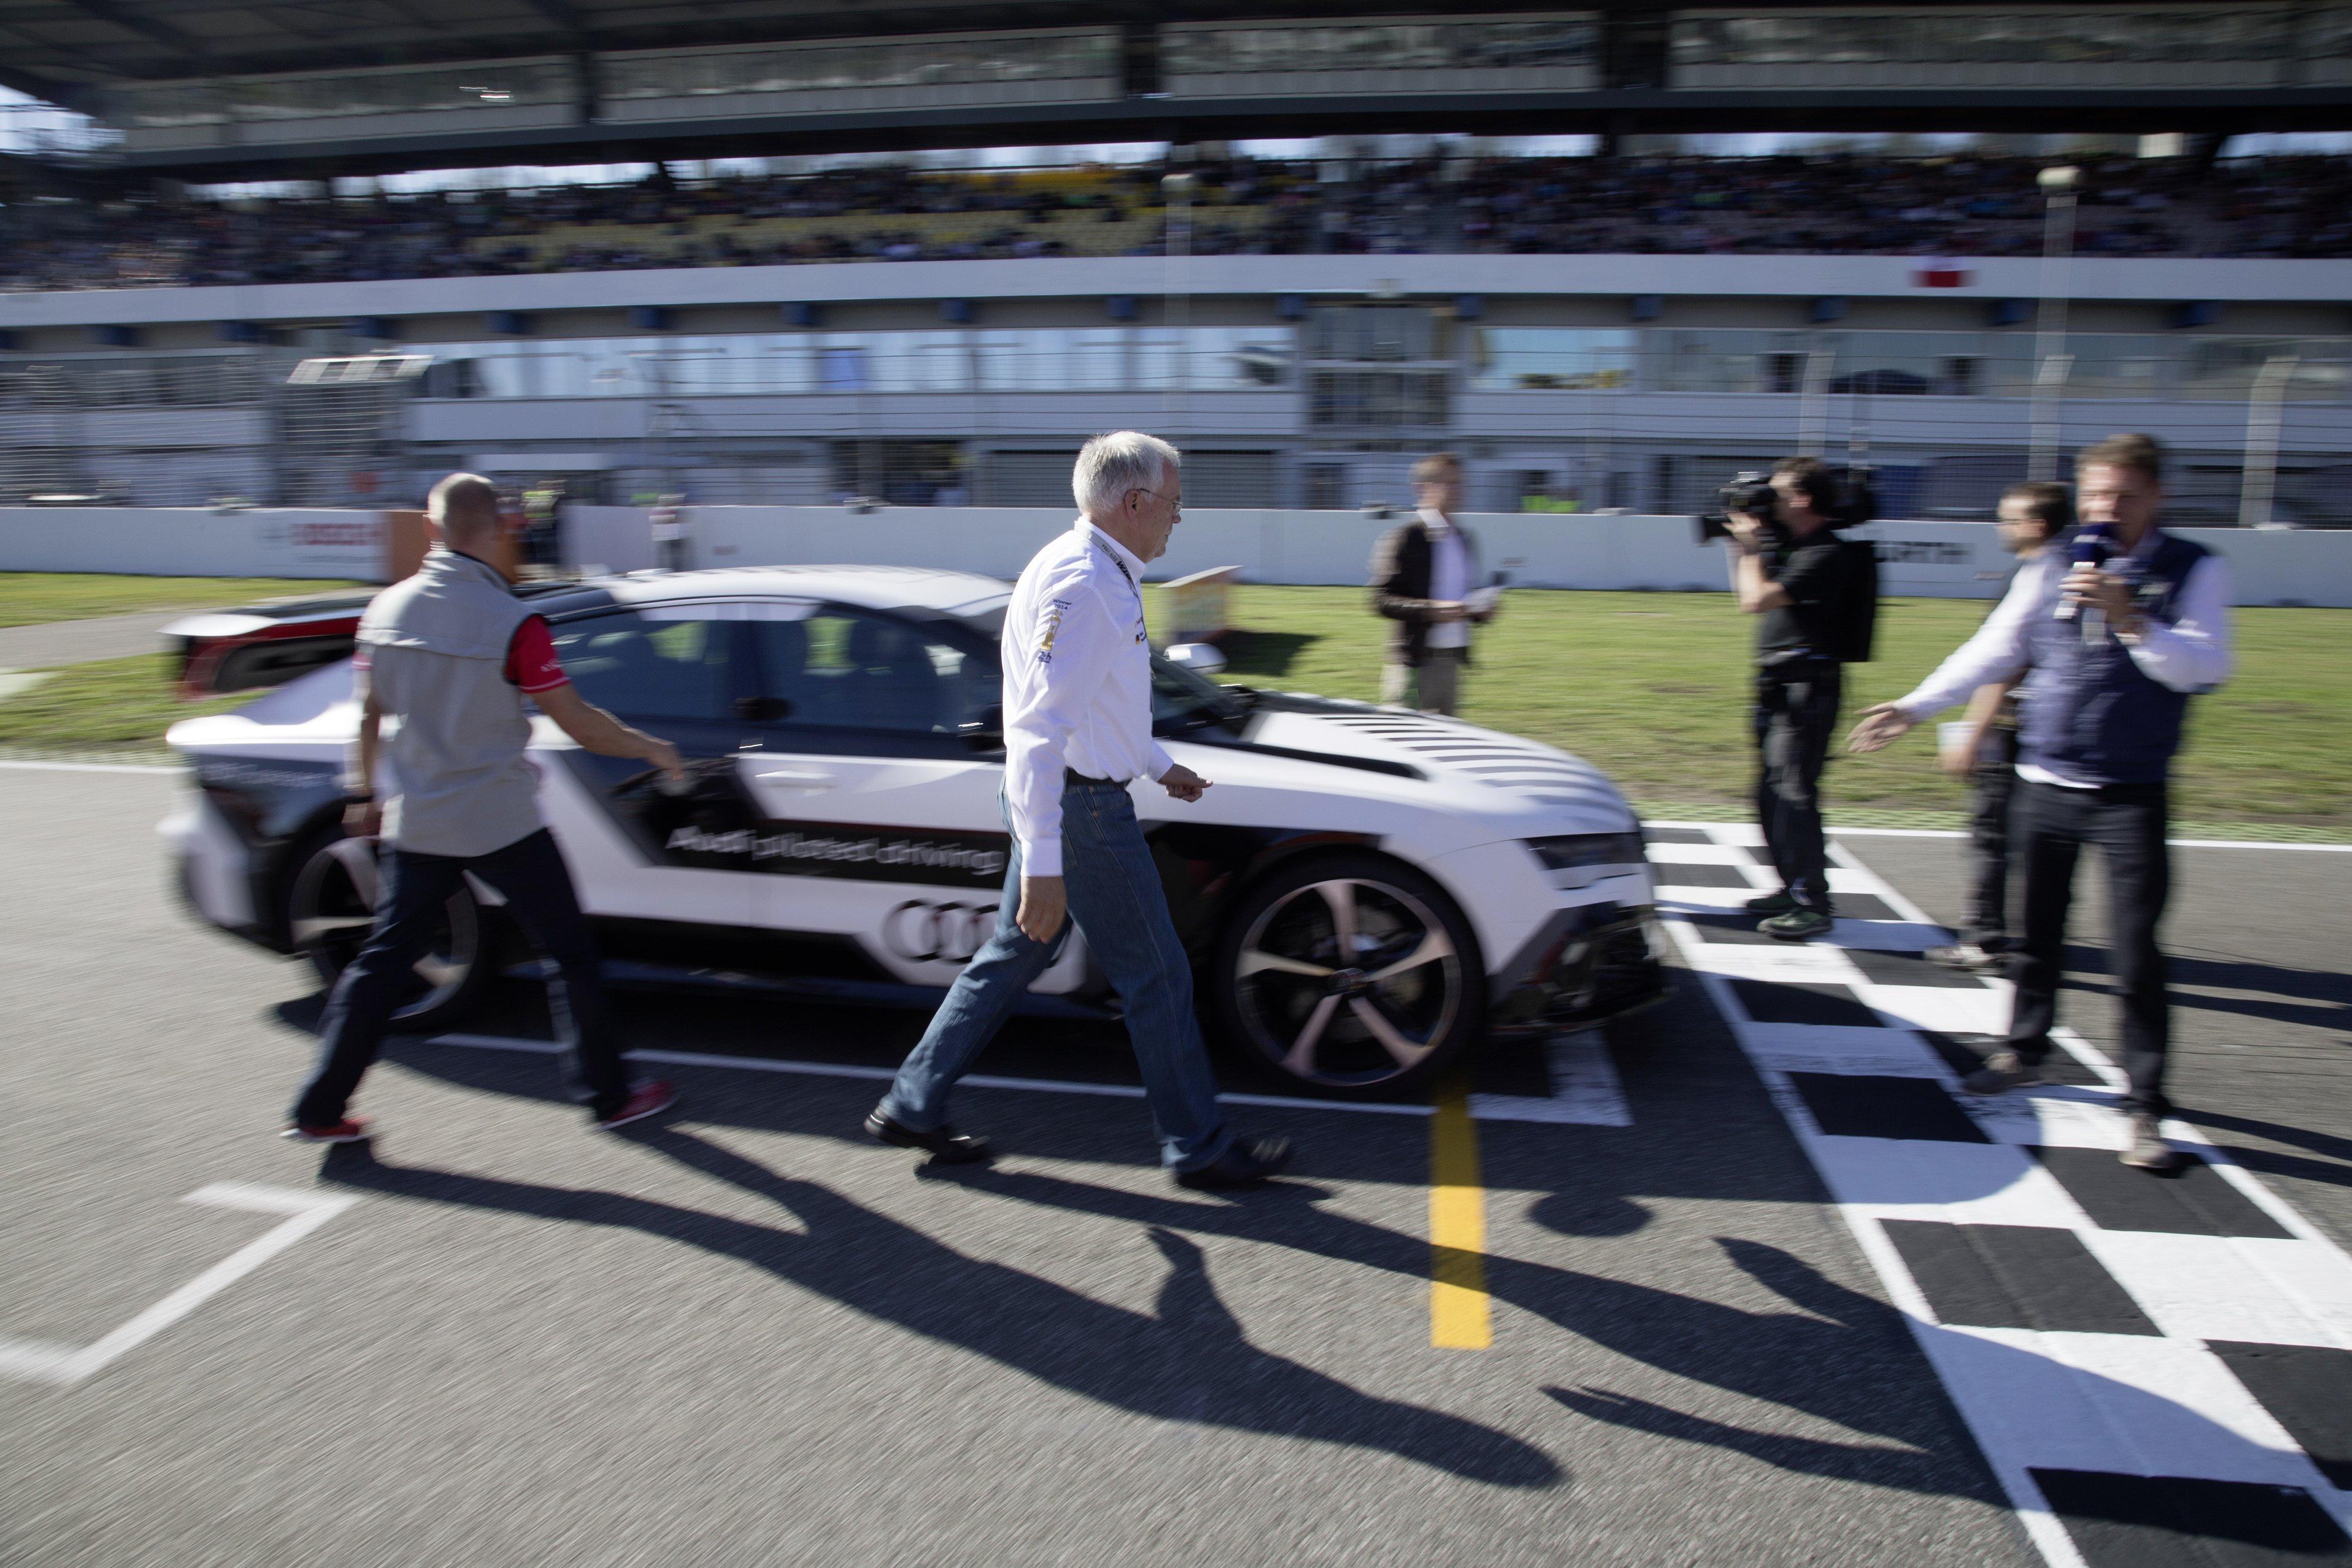 Aufregung kurz vor dem Start: Das Auto brauchte – ohne Fahrer wohlgemerkt –2:10 Minuten für die viereinhalb Kilometer lange Strecke über den Hockenheimring.